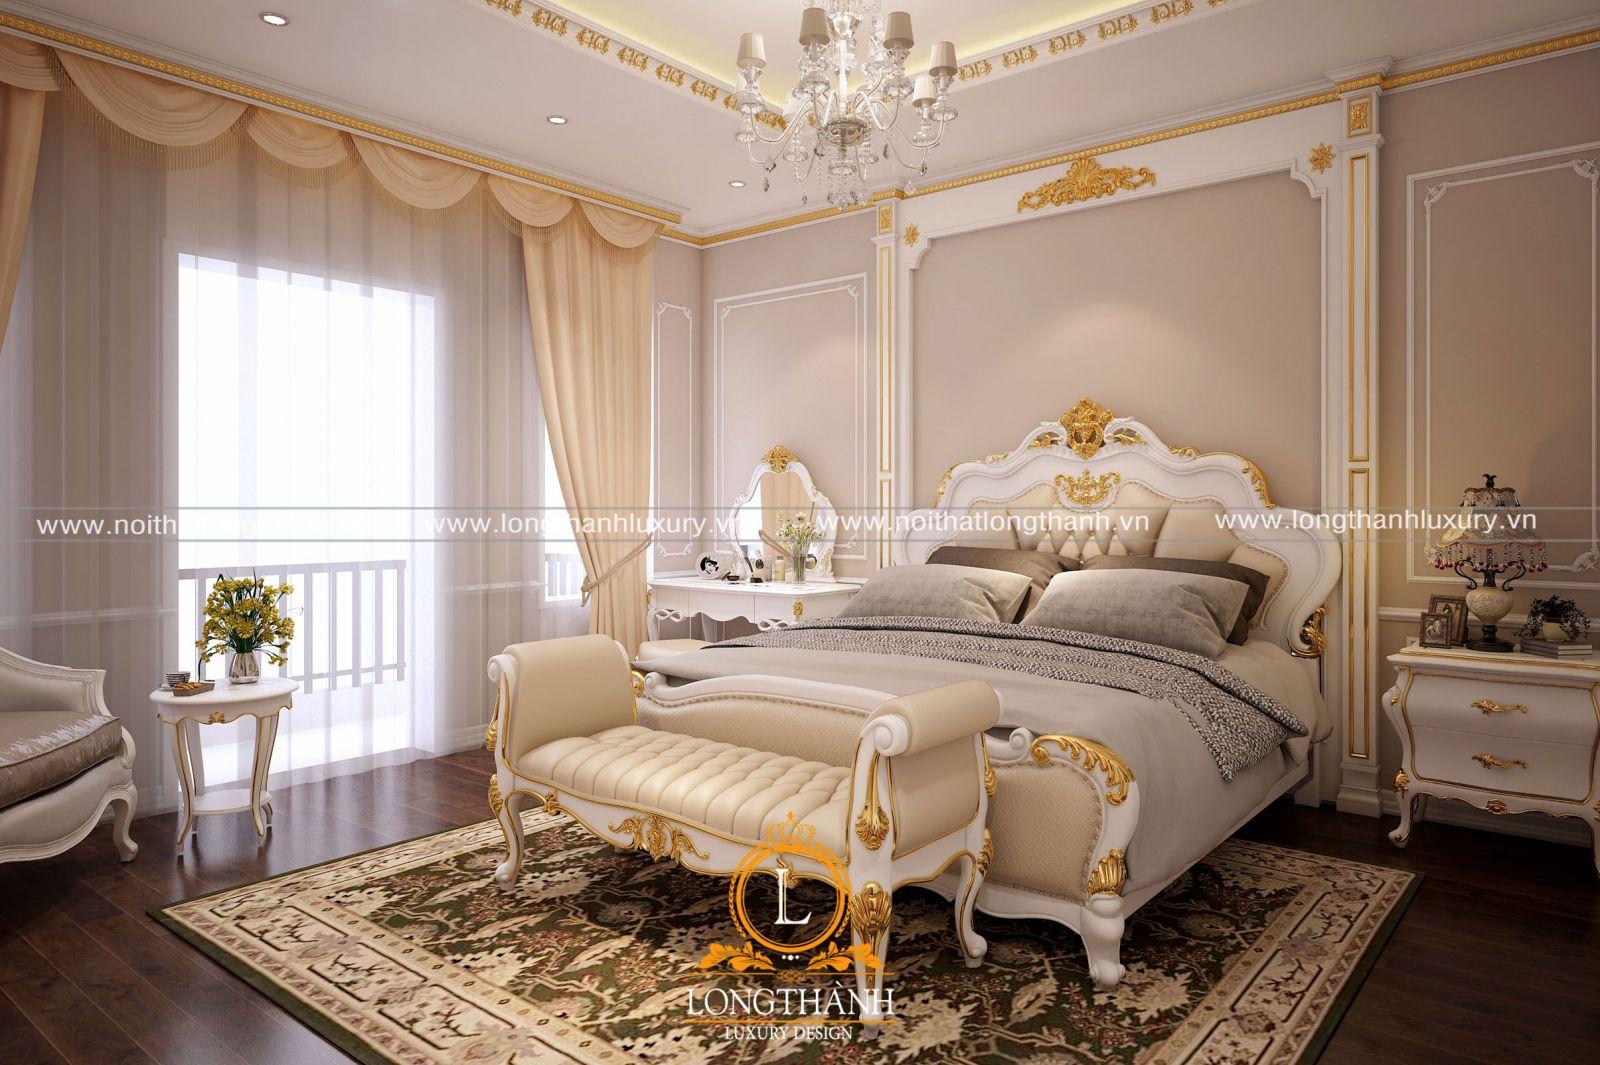 Mẫu thiết kế đẹp và cao cấp cho phòng ngủ 30m2